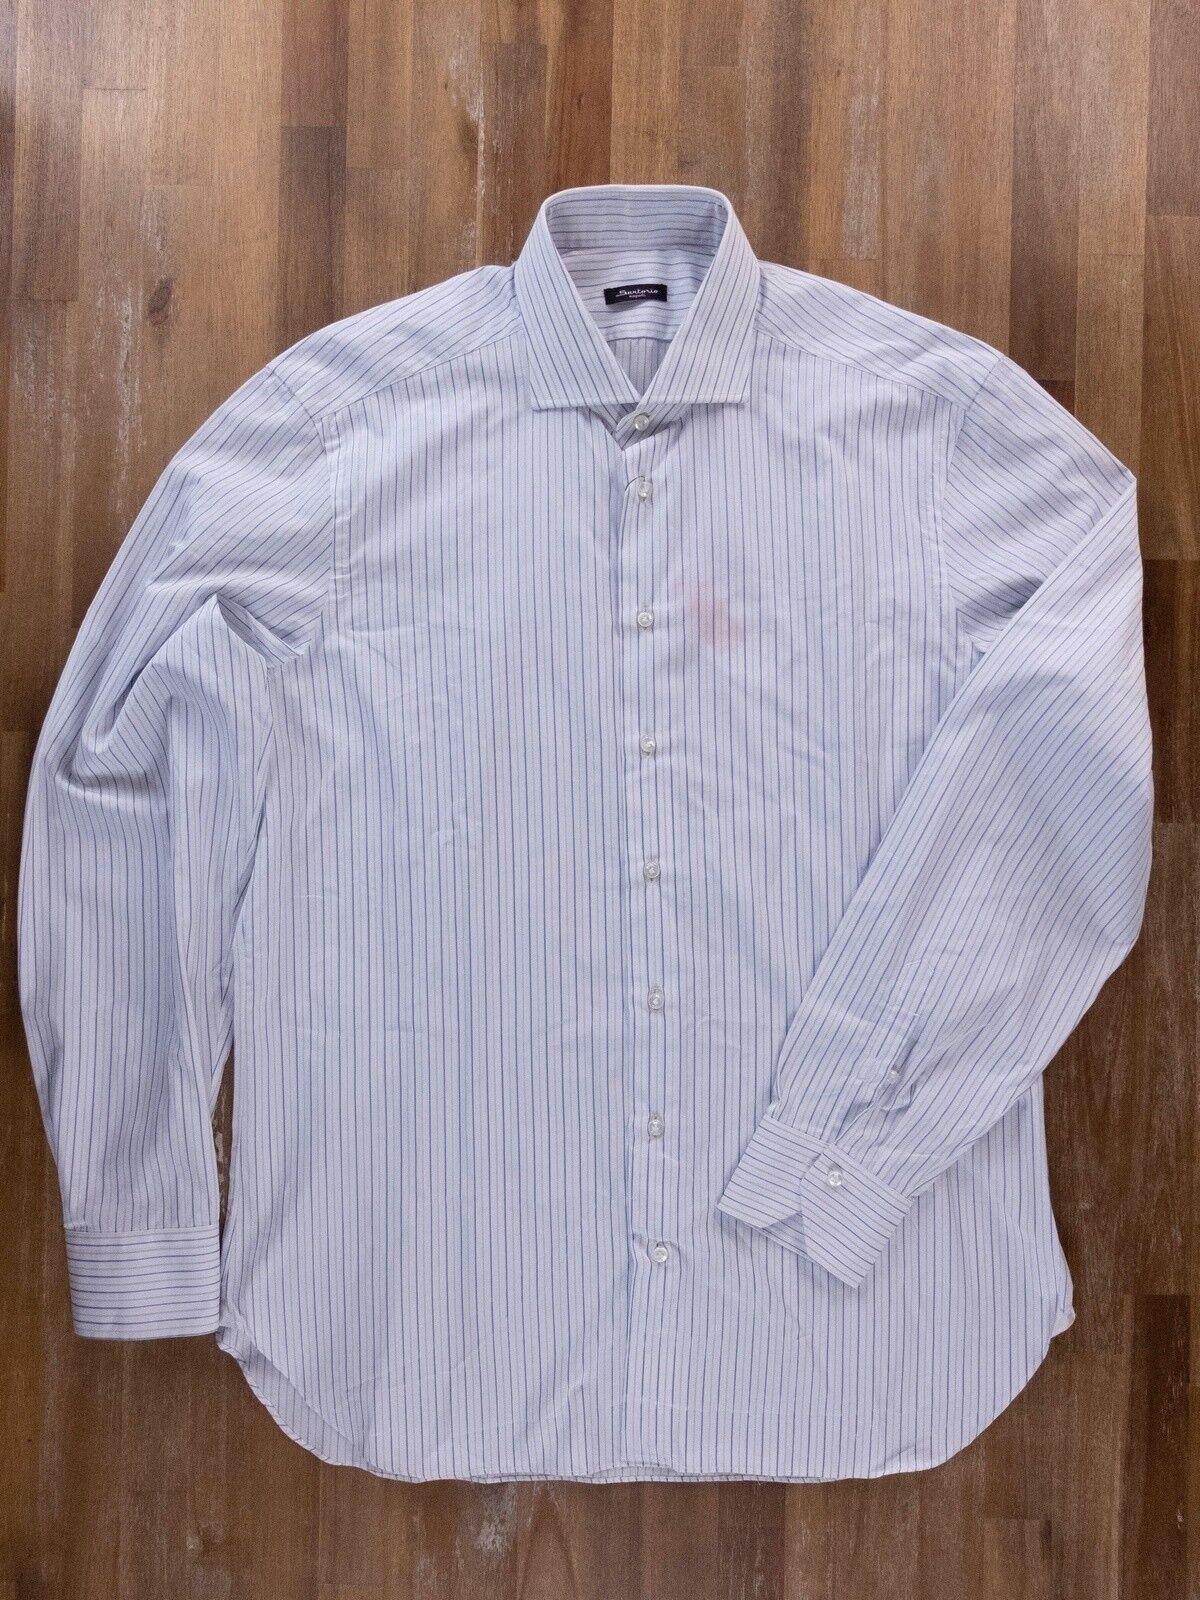 SARTORIO KITON striped cotton dress shirt authentic - Size 43   17 - NWOT